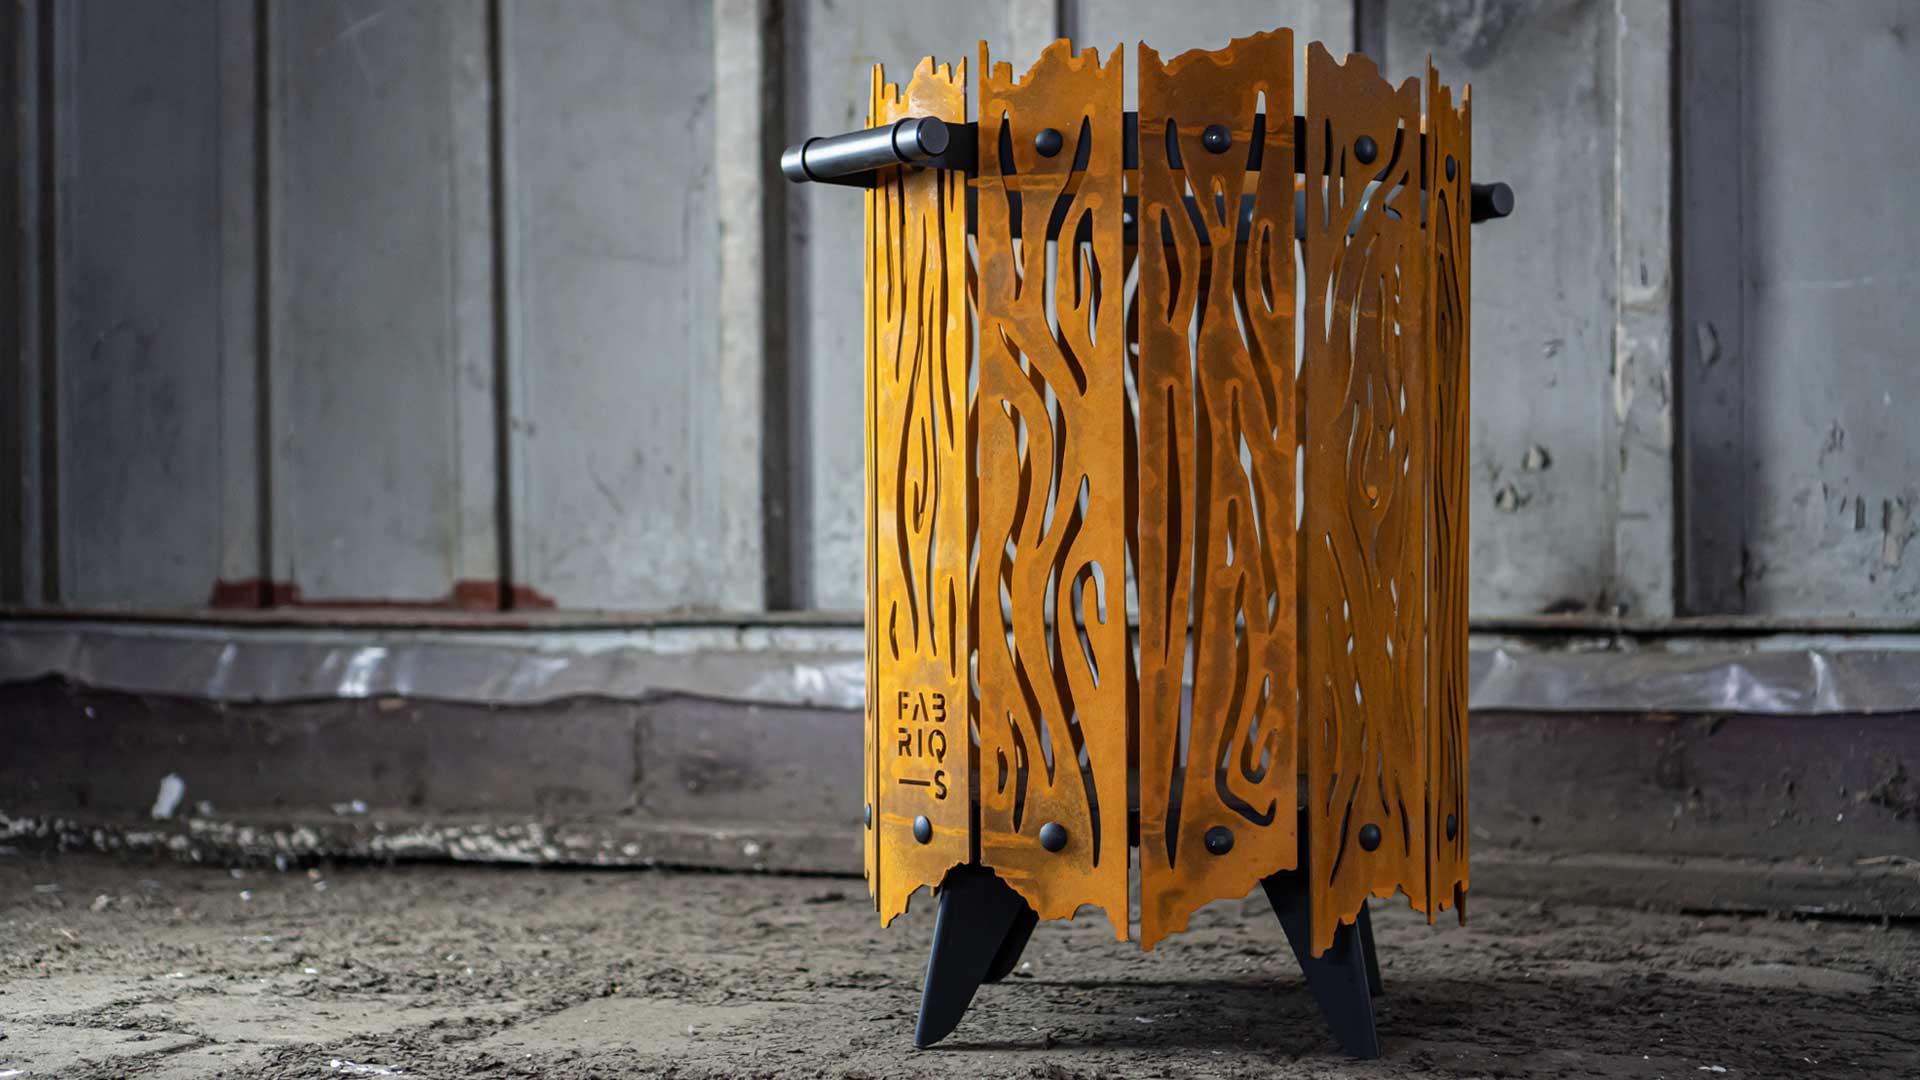 Bijzondere vuurkorf design - the roast - Fabriq-S staal design sfeerbeeld